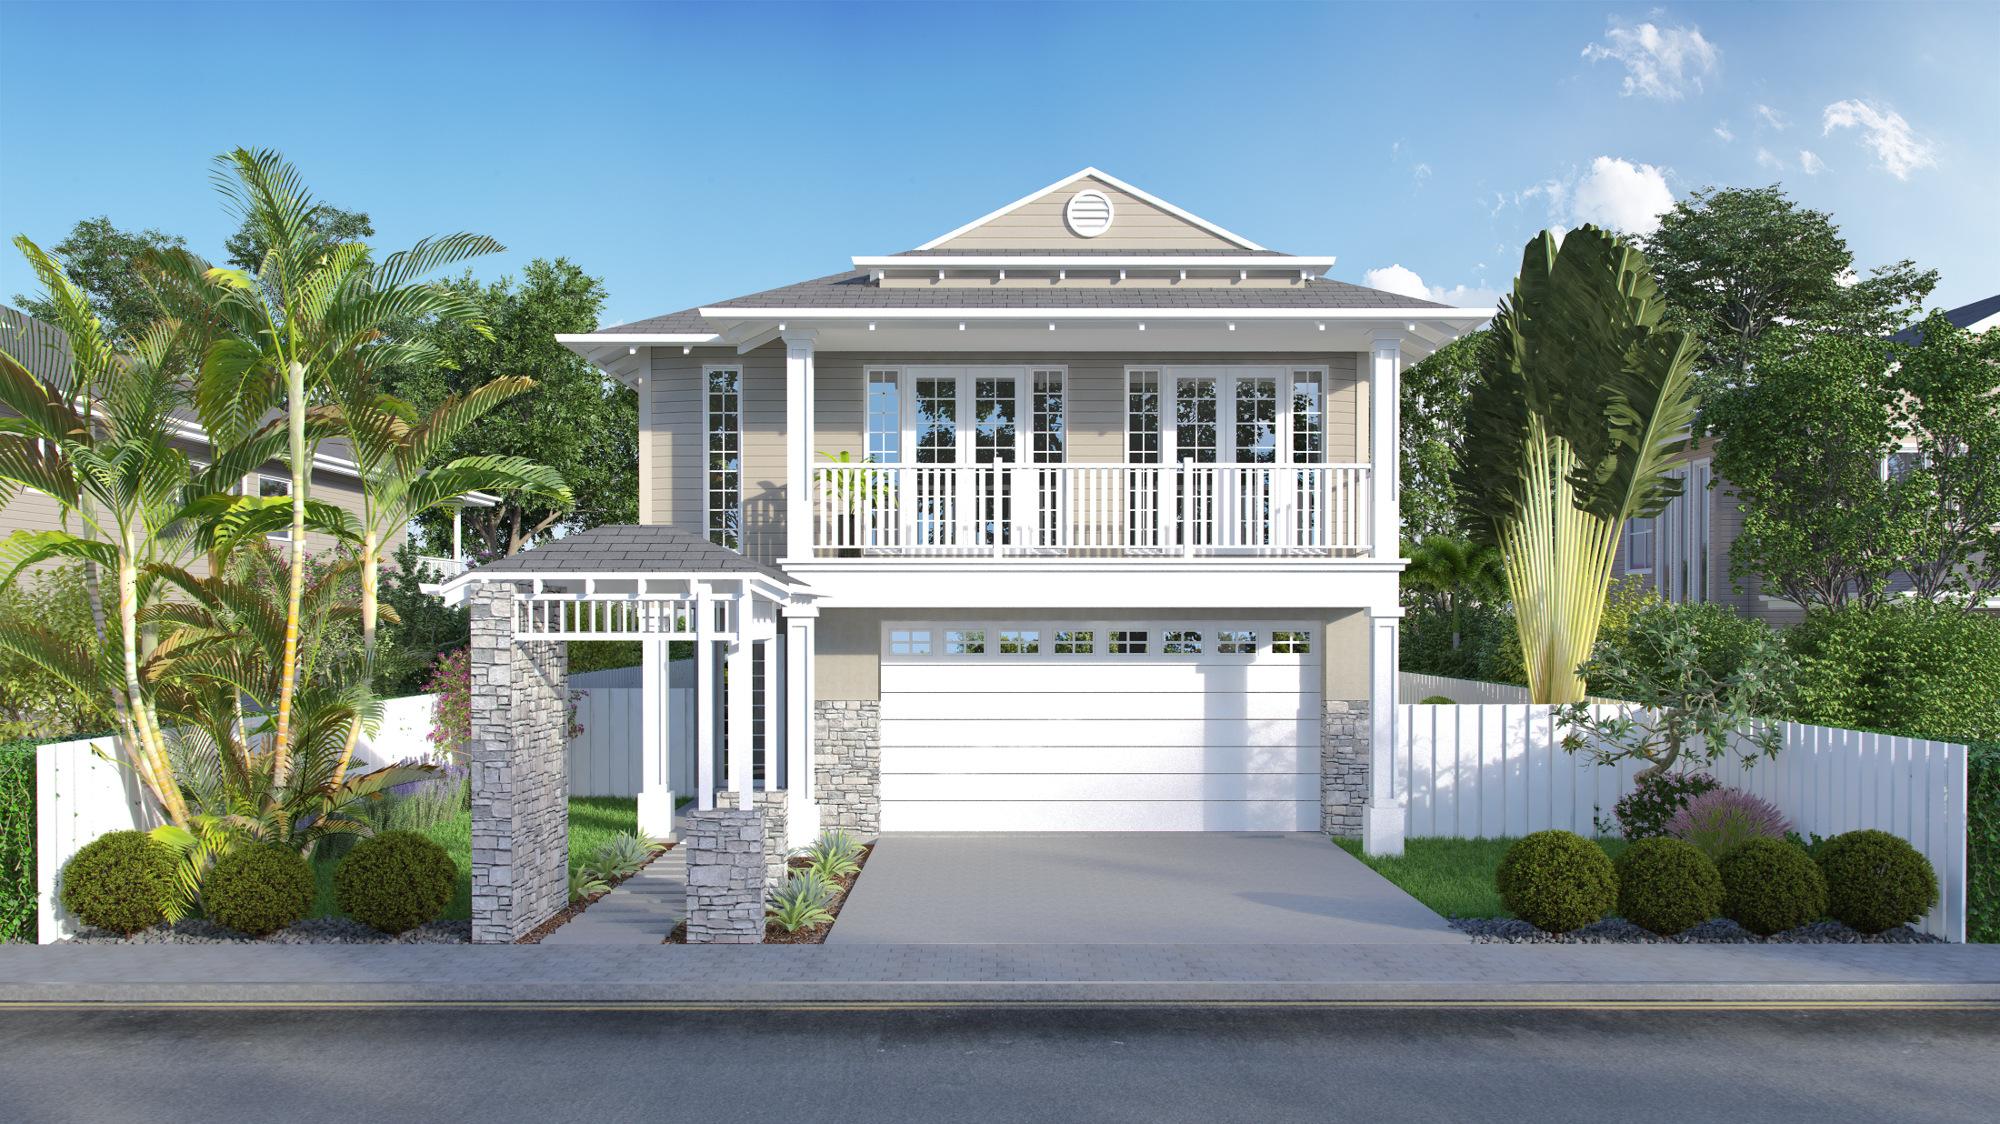 Home Design - Arae - H4014